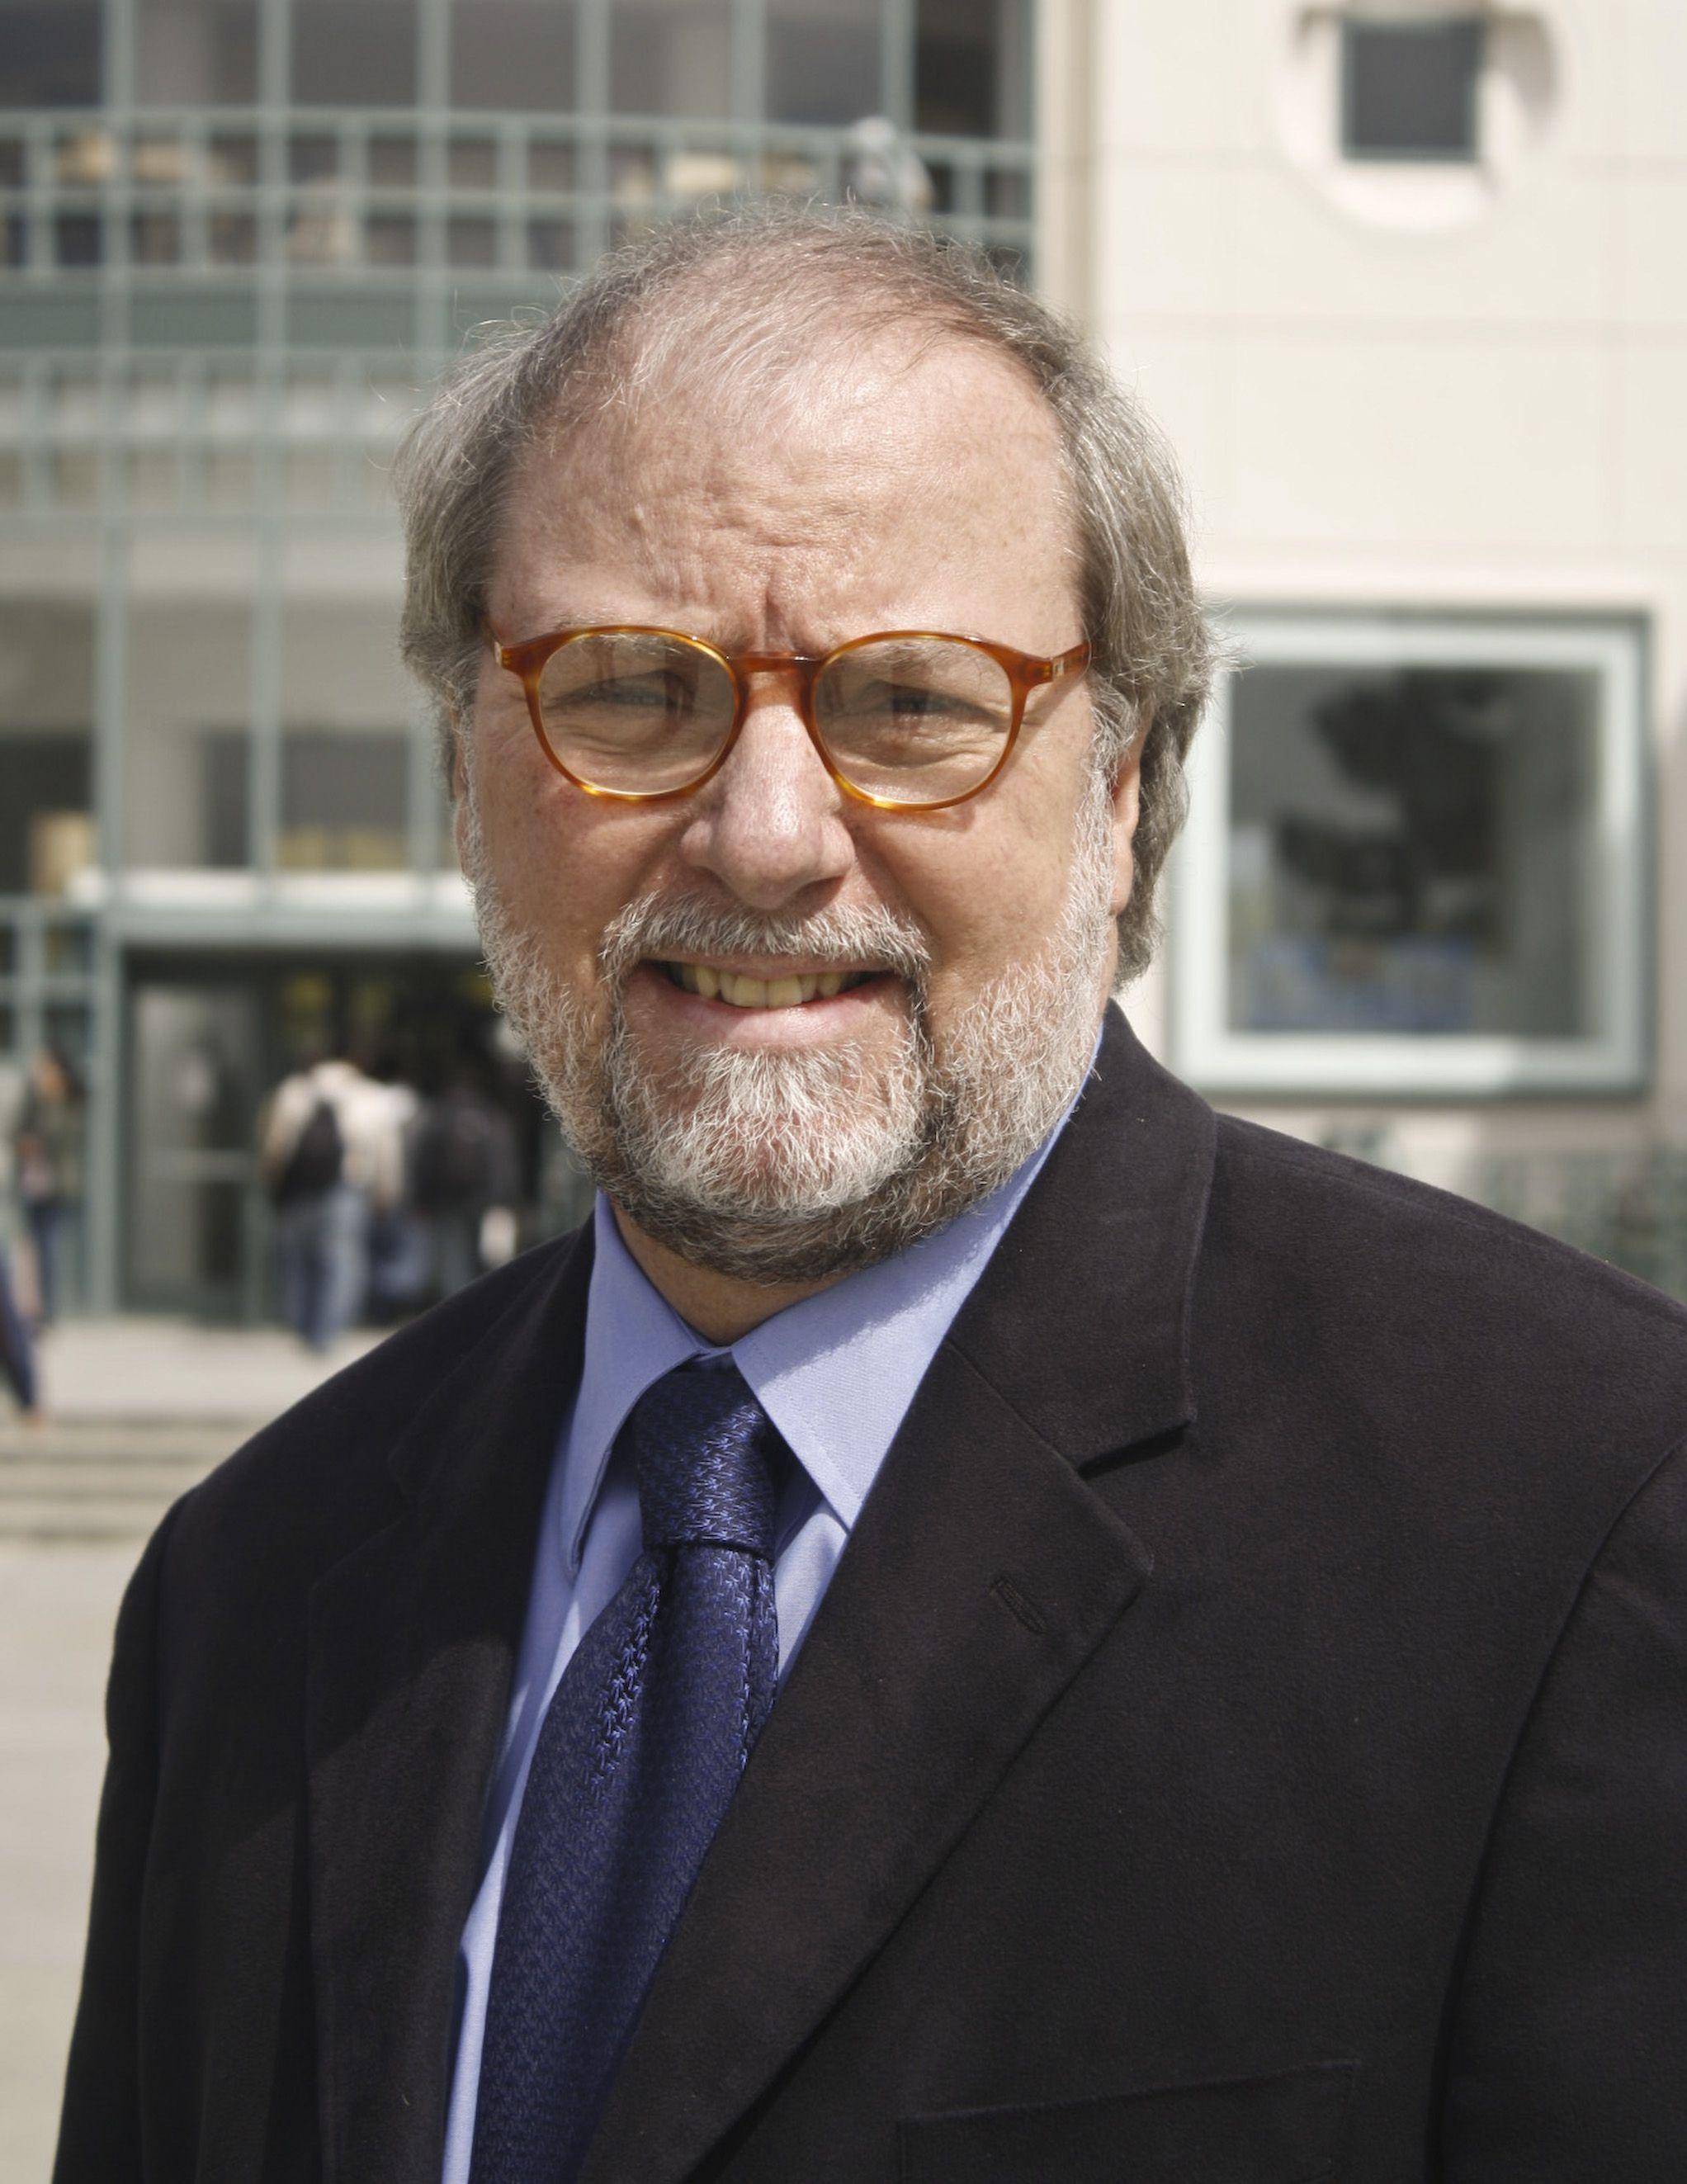 Professor William Foster